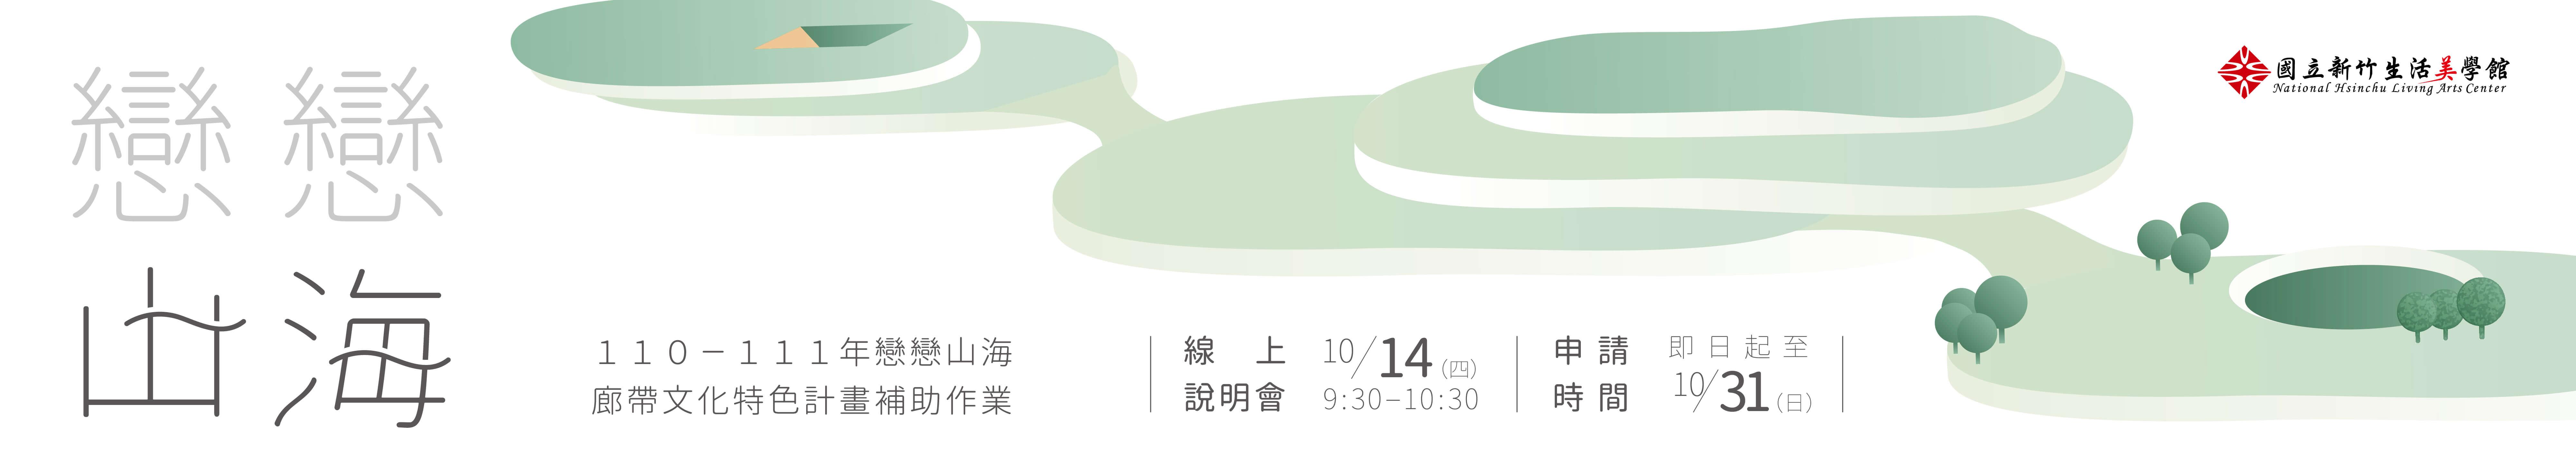 戀戀山海補助作業10/31(日)以前受理申請~